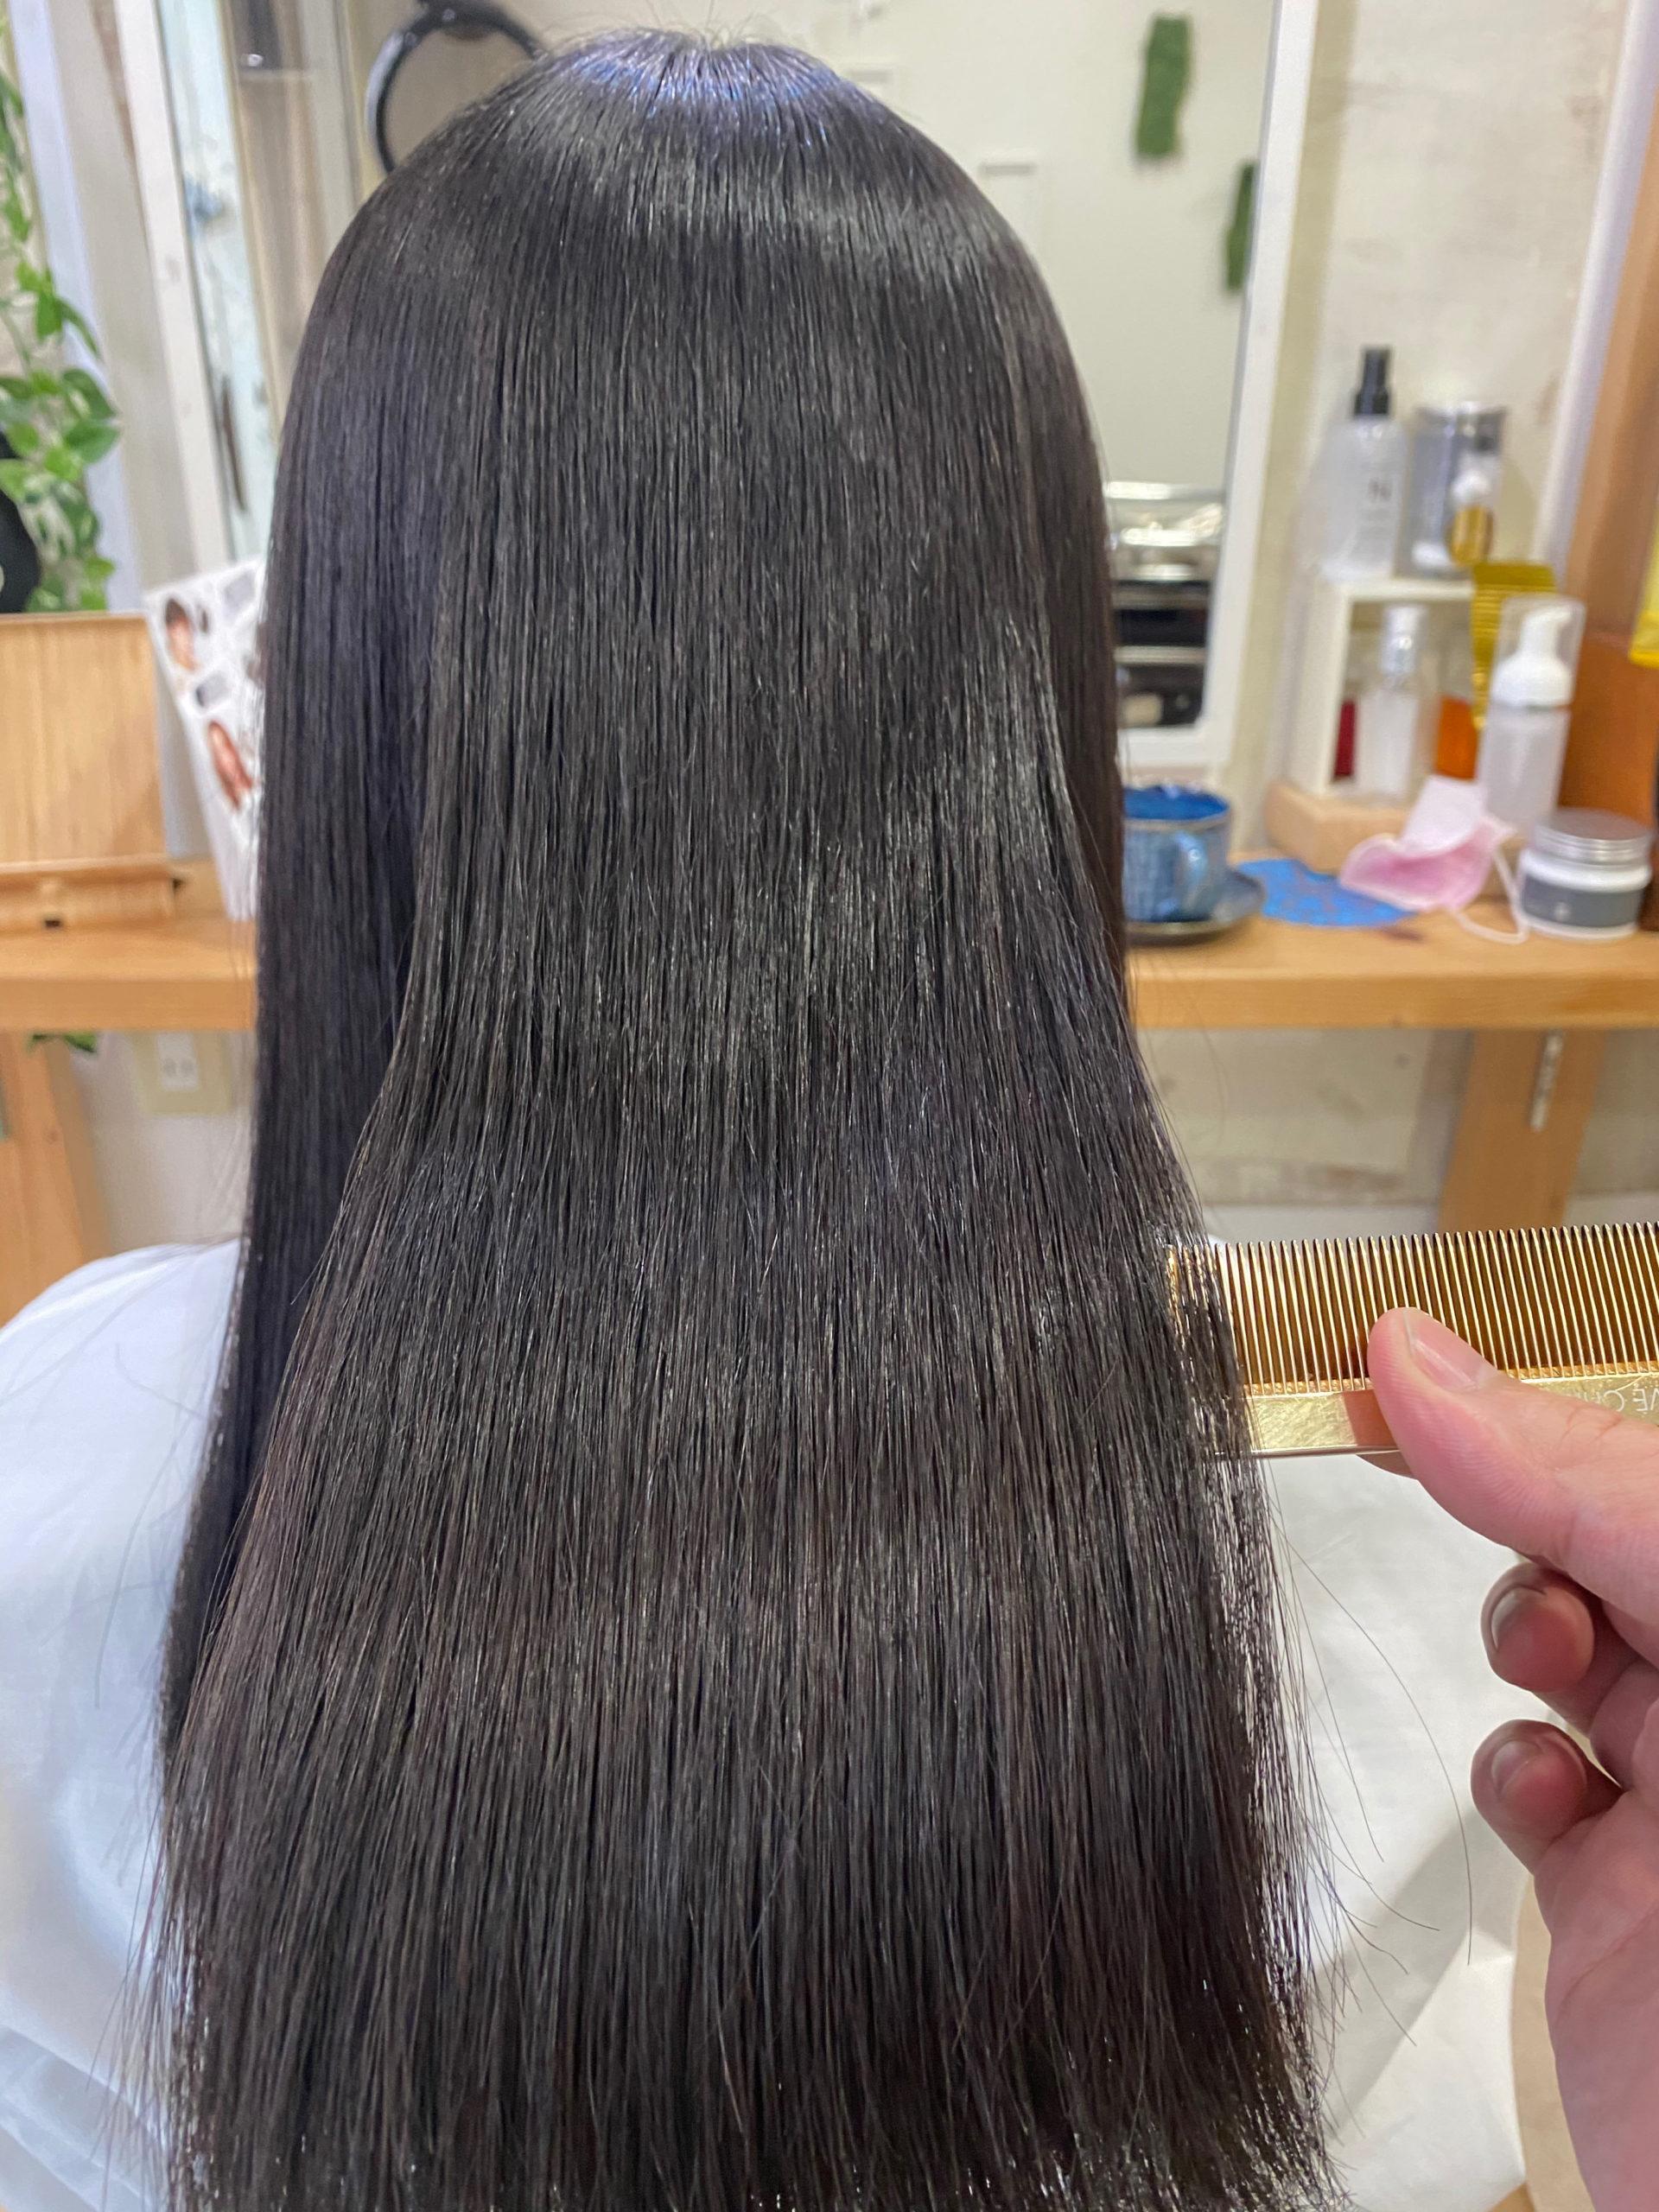 くせ毛とパサつきでお悩みの方を【LULUトリートメント×縮毛矯正】で艶髪。原宿・表参道『髪のお悩みを解決するヘアケア美容師の挑戦』